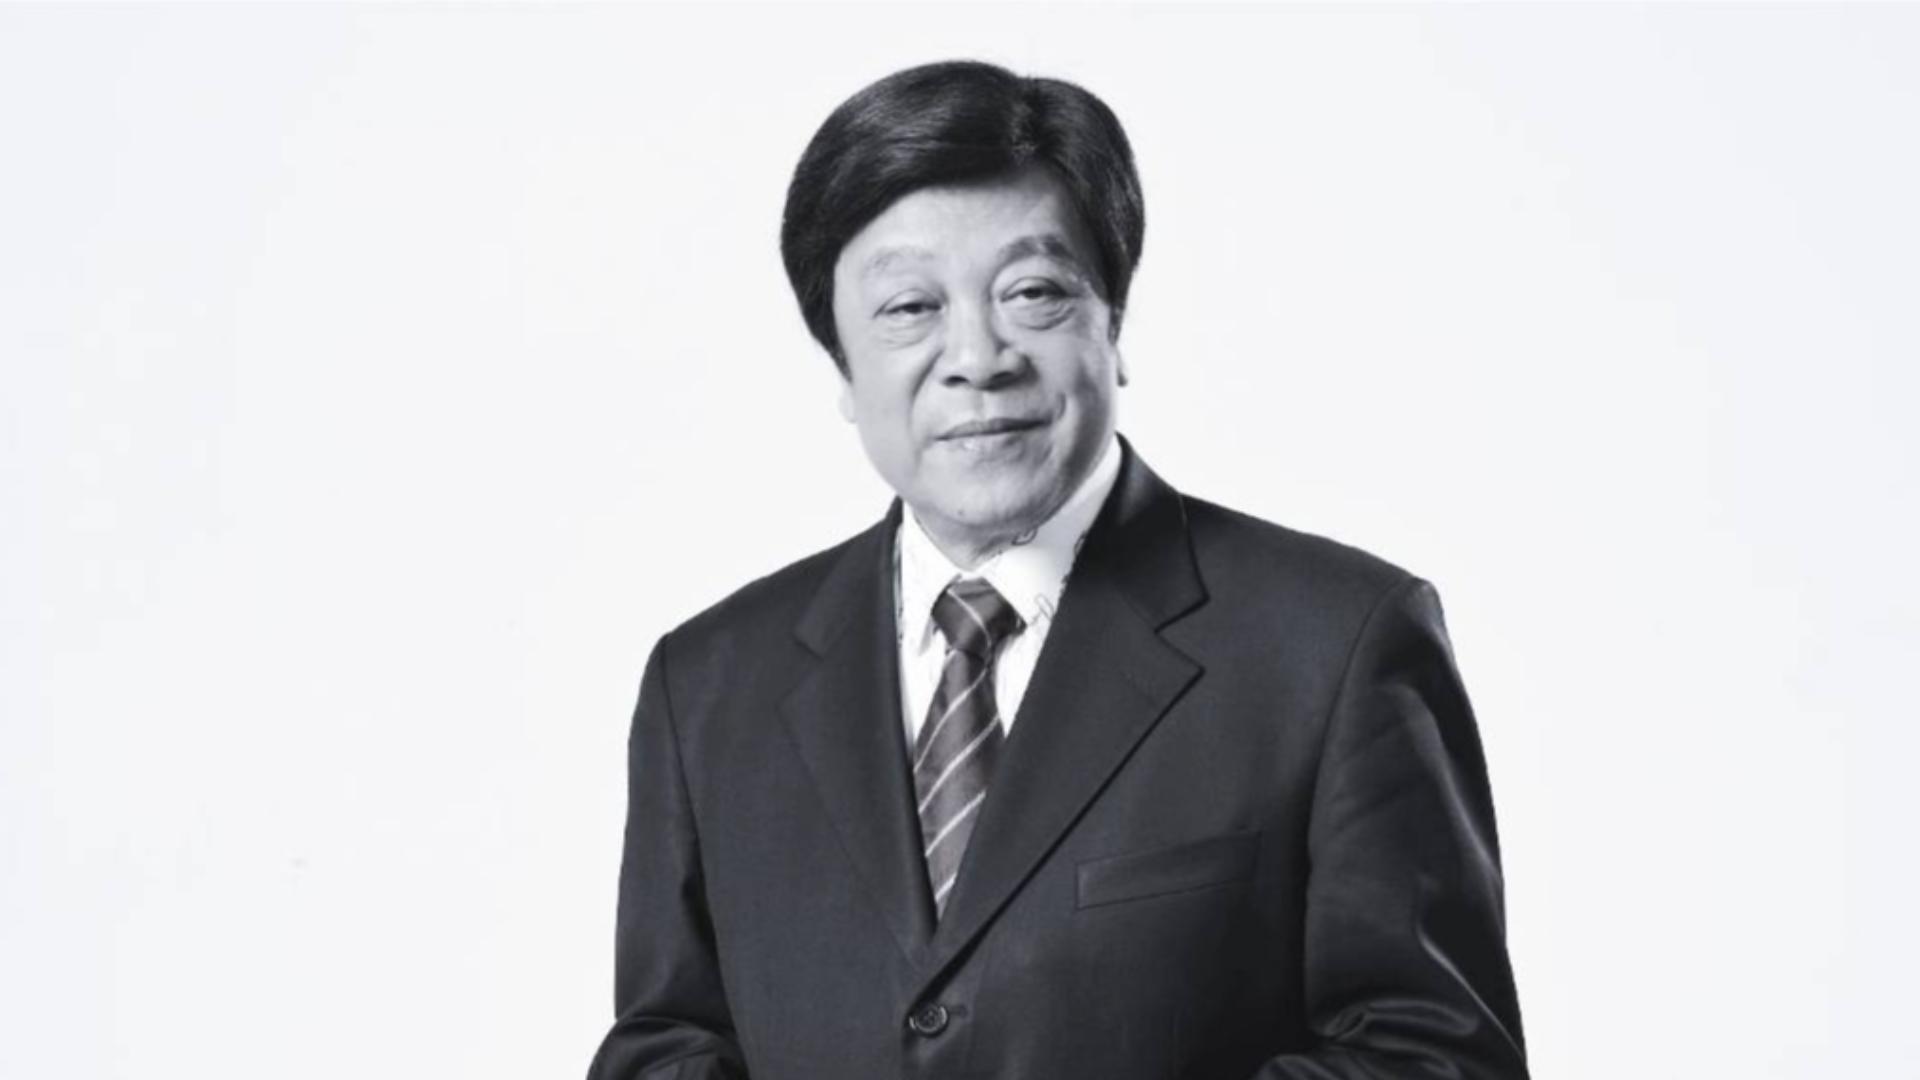 赵忠祥老师1月16日因癌症去世,在他78岁生日之际永远的离开了我们。